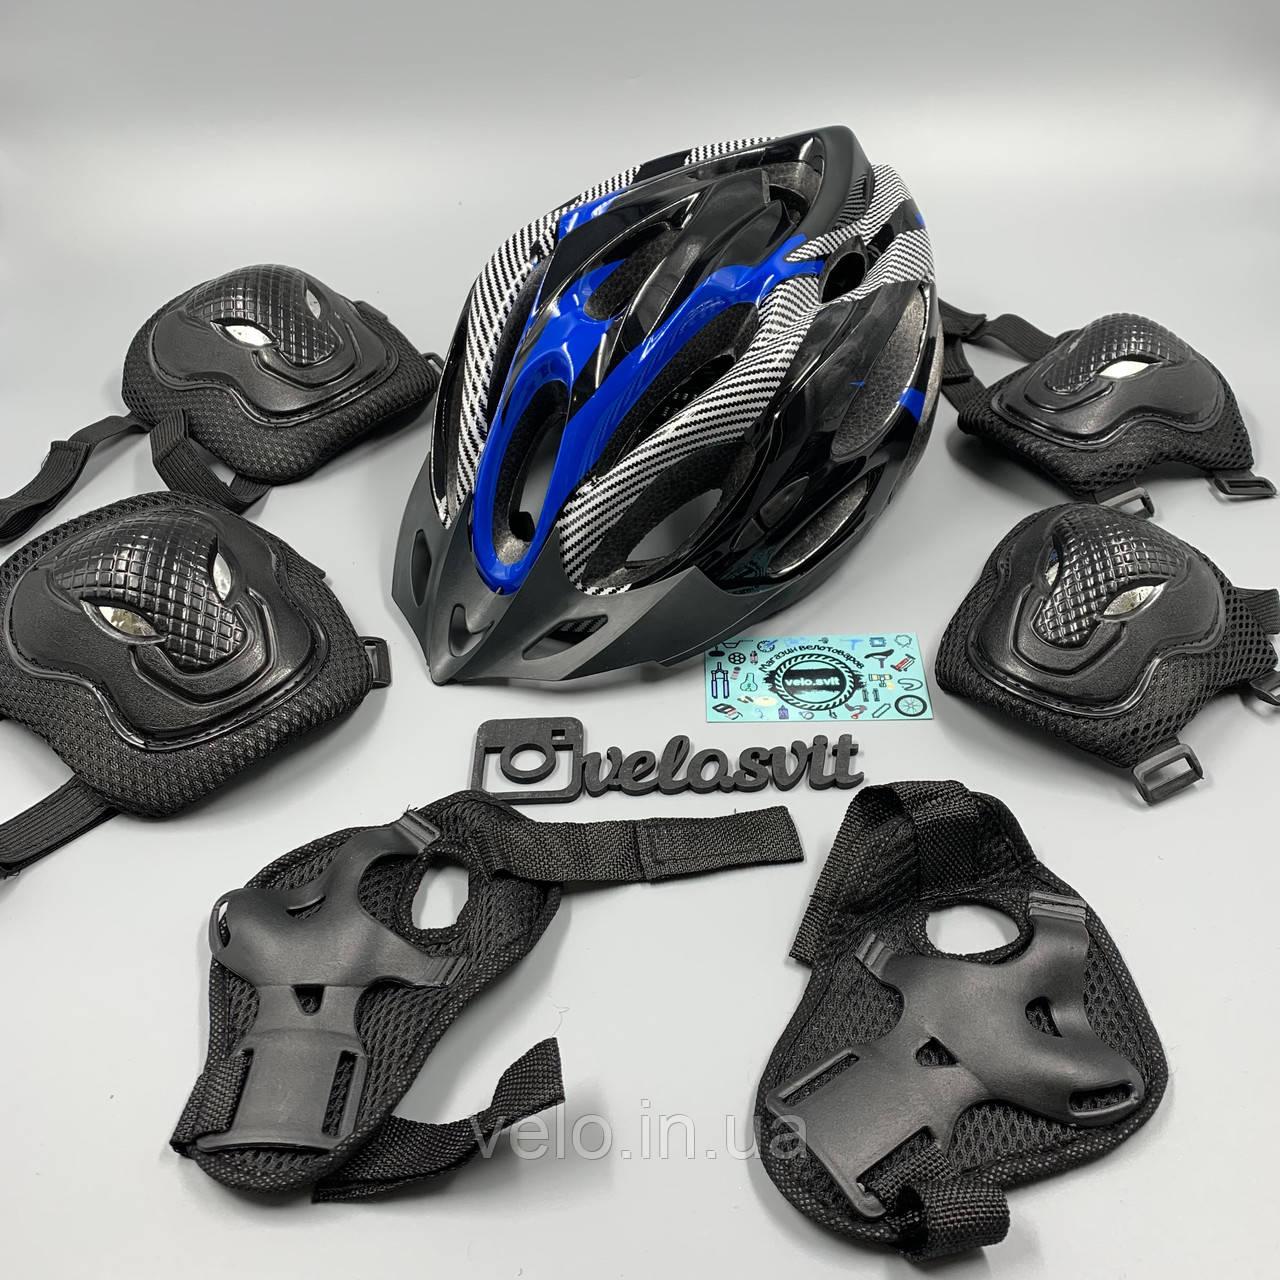 Комплект захисту для дорослих, налокітники, наколінники, рукавички+ШОЛОМ